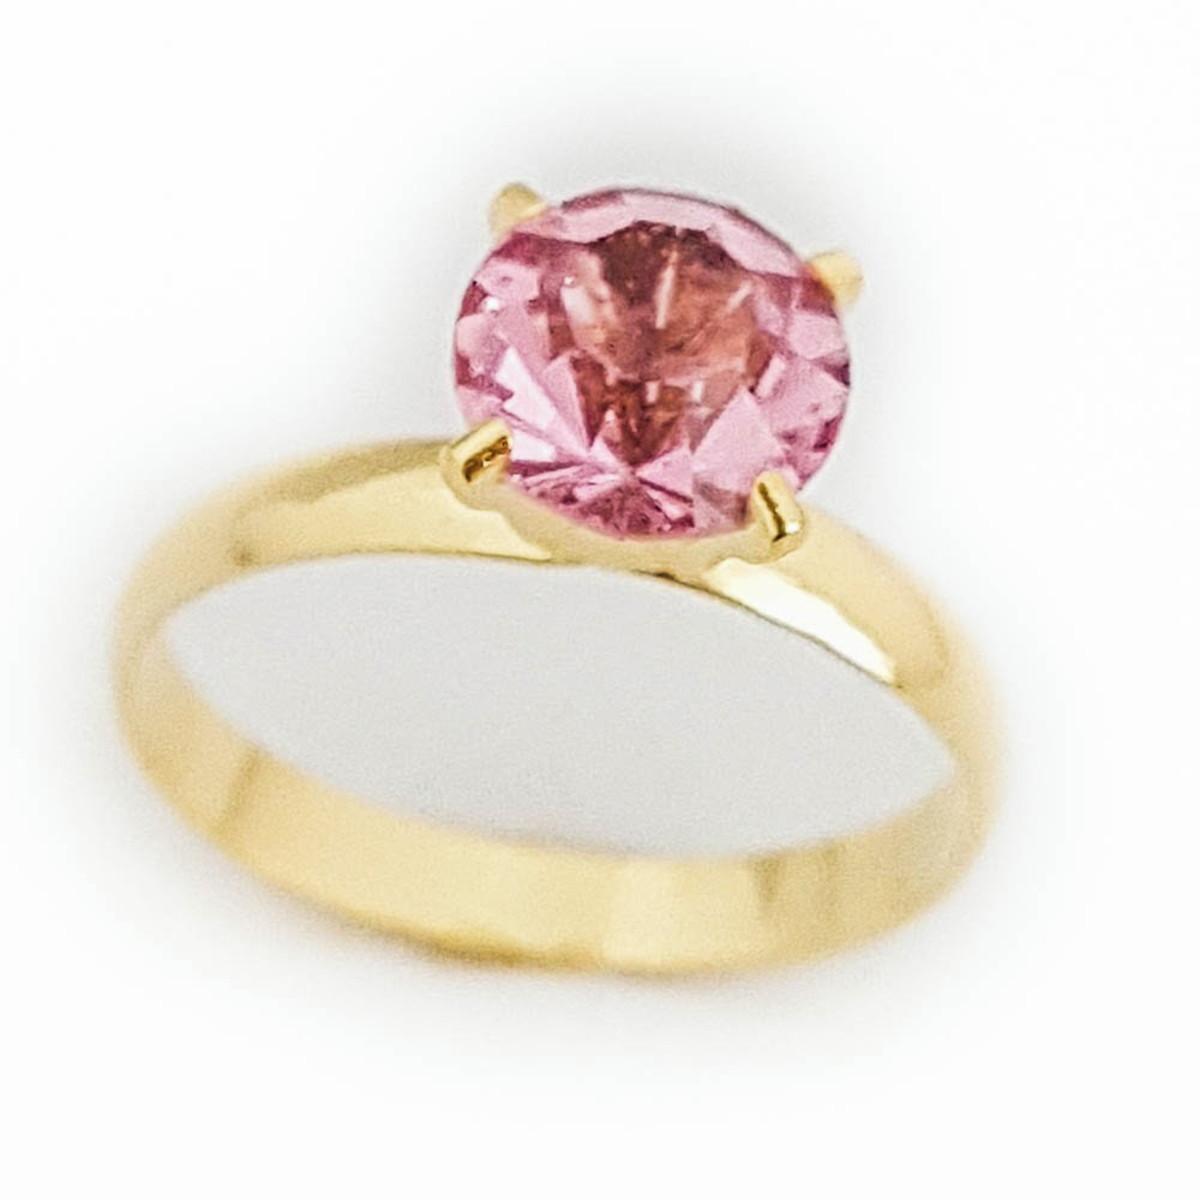 c33b92bdc80e7 Anel Feminino Solitário Pedra Rosa Folheado Ouro 18k. no Elo7 ...